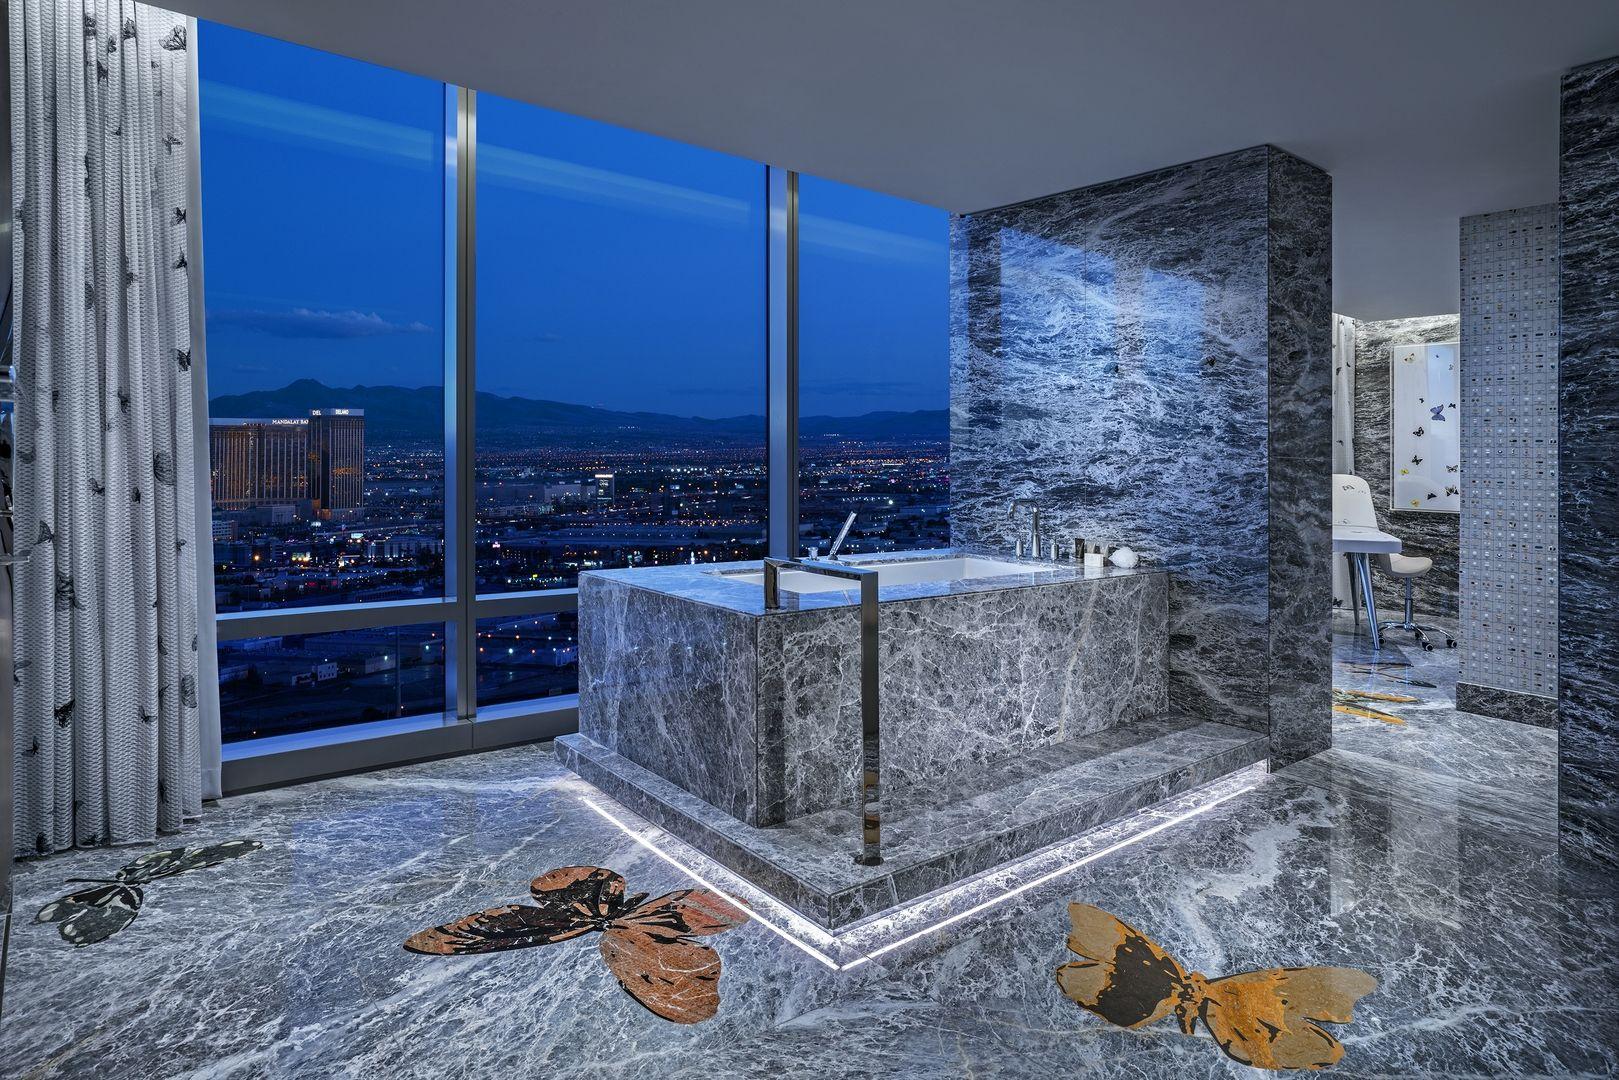 Damien Hirst Hotel Room Designed In Signature Style Nonagon Style Vegas Suites Hotel Room Design Hotel Suites